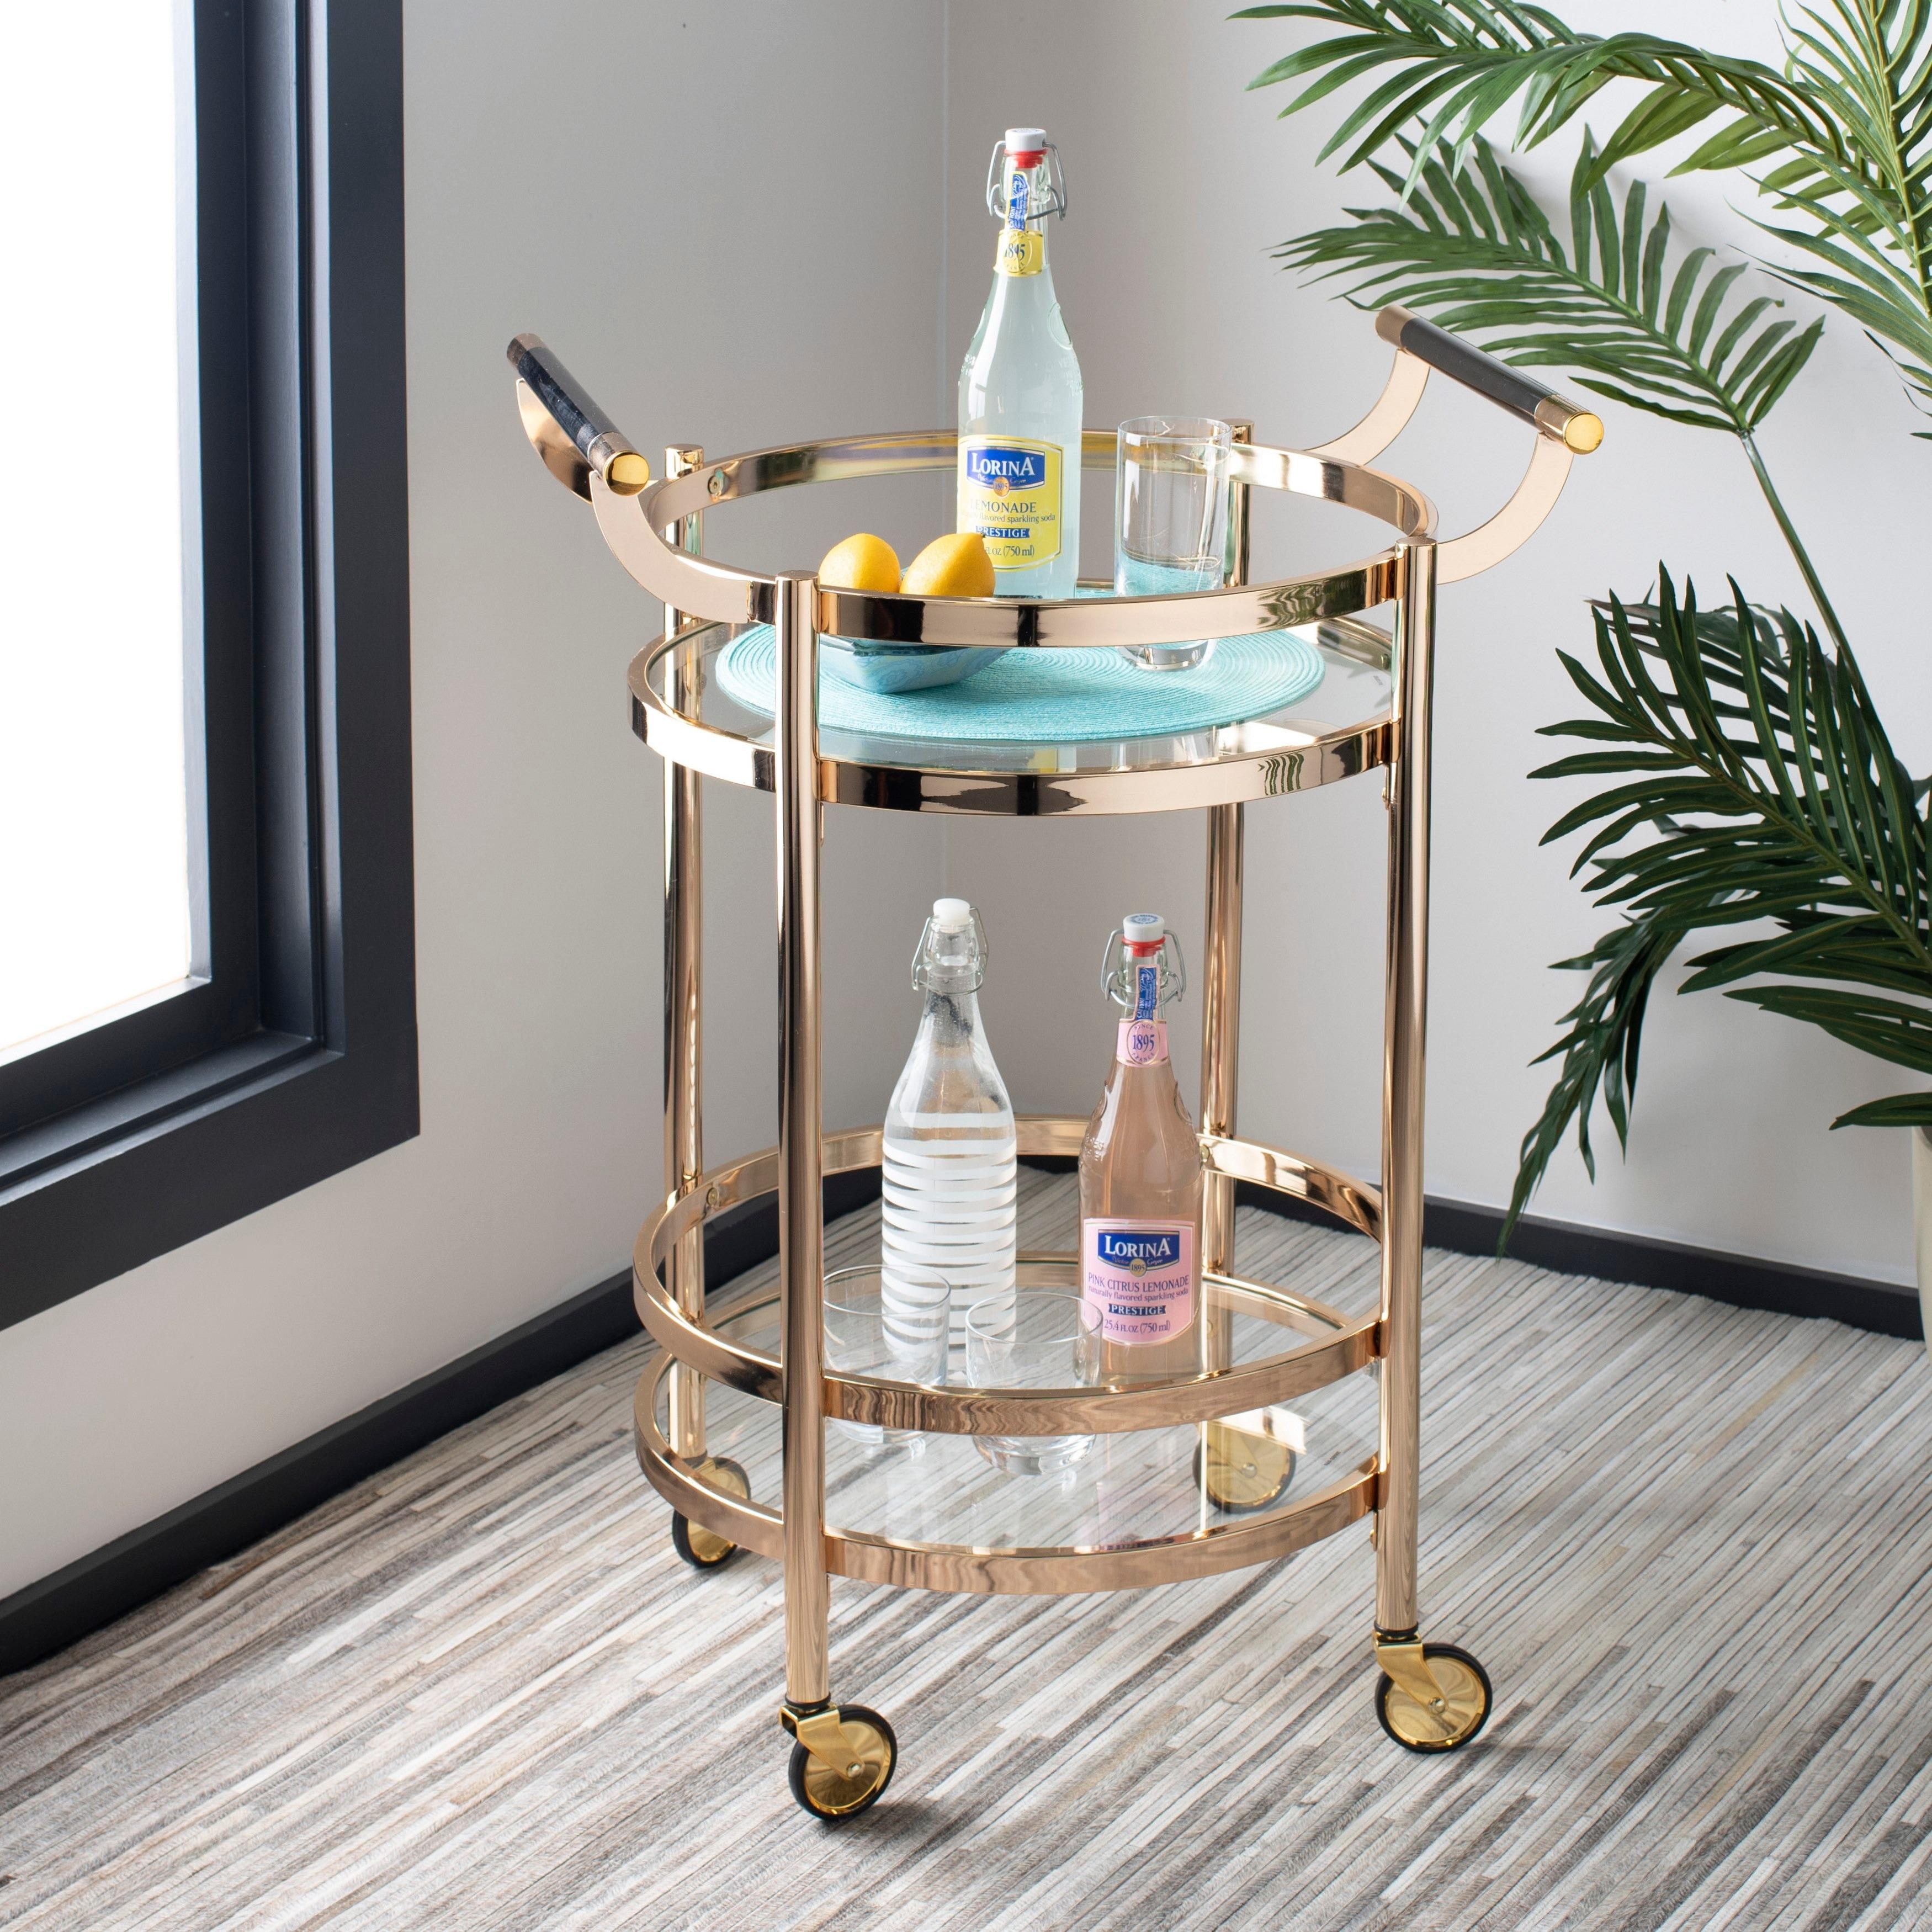 Safavieh Sienna 2 Tier Round Bar Cart Gold Glass 23 8 X 19 9 X 34 On Sale Overstock 23591334